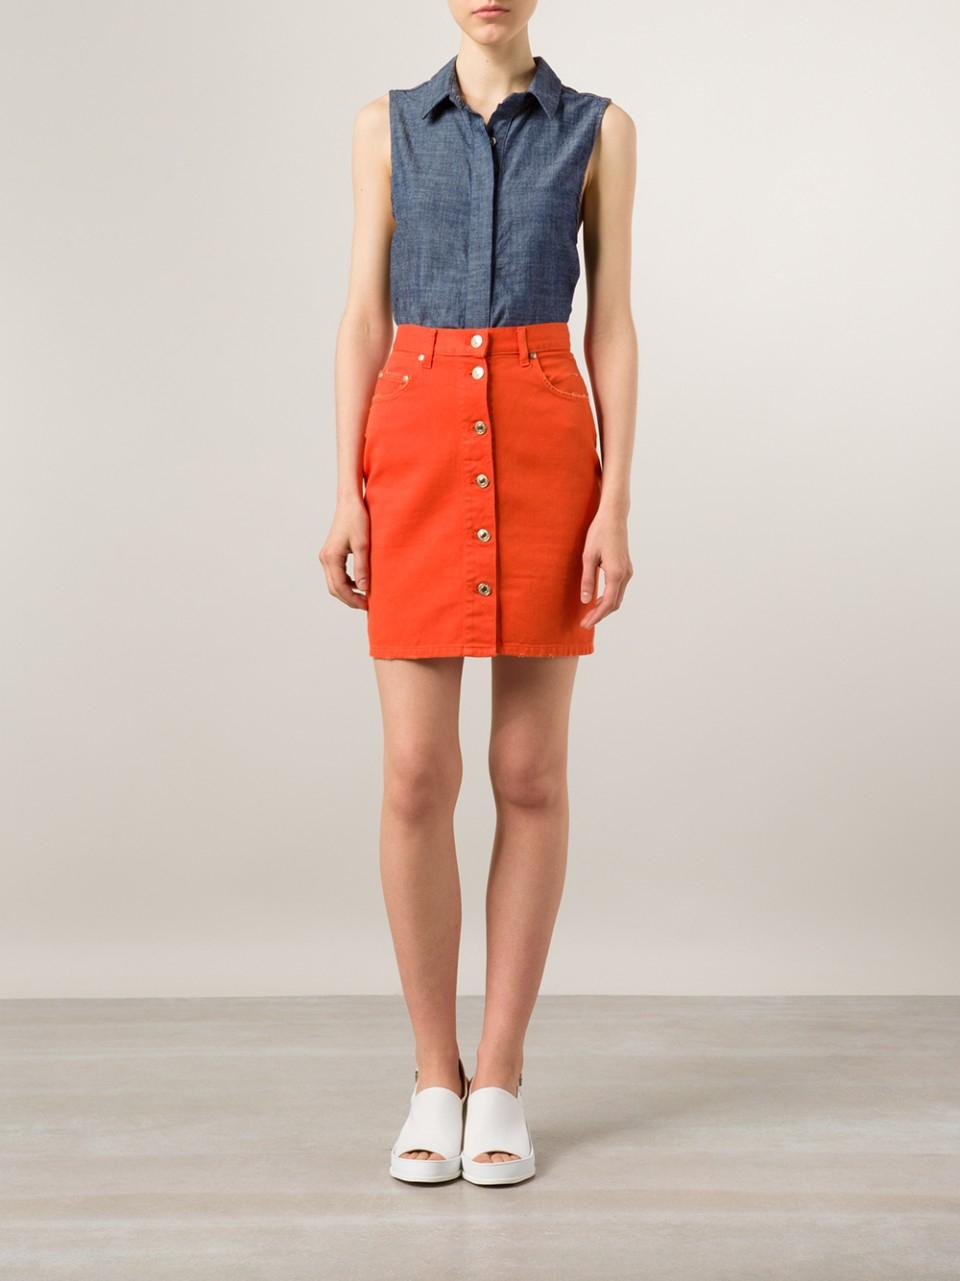 Msgm Button Front Denim Skirt in Orange | Lyst